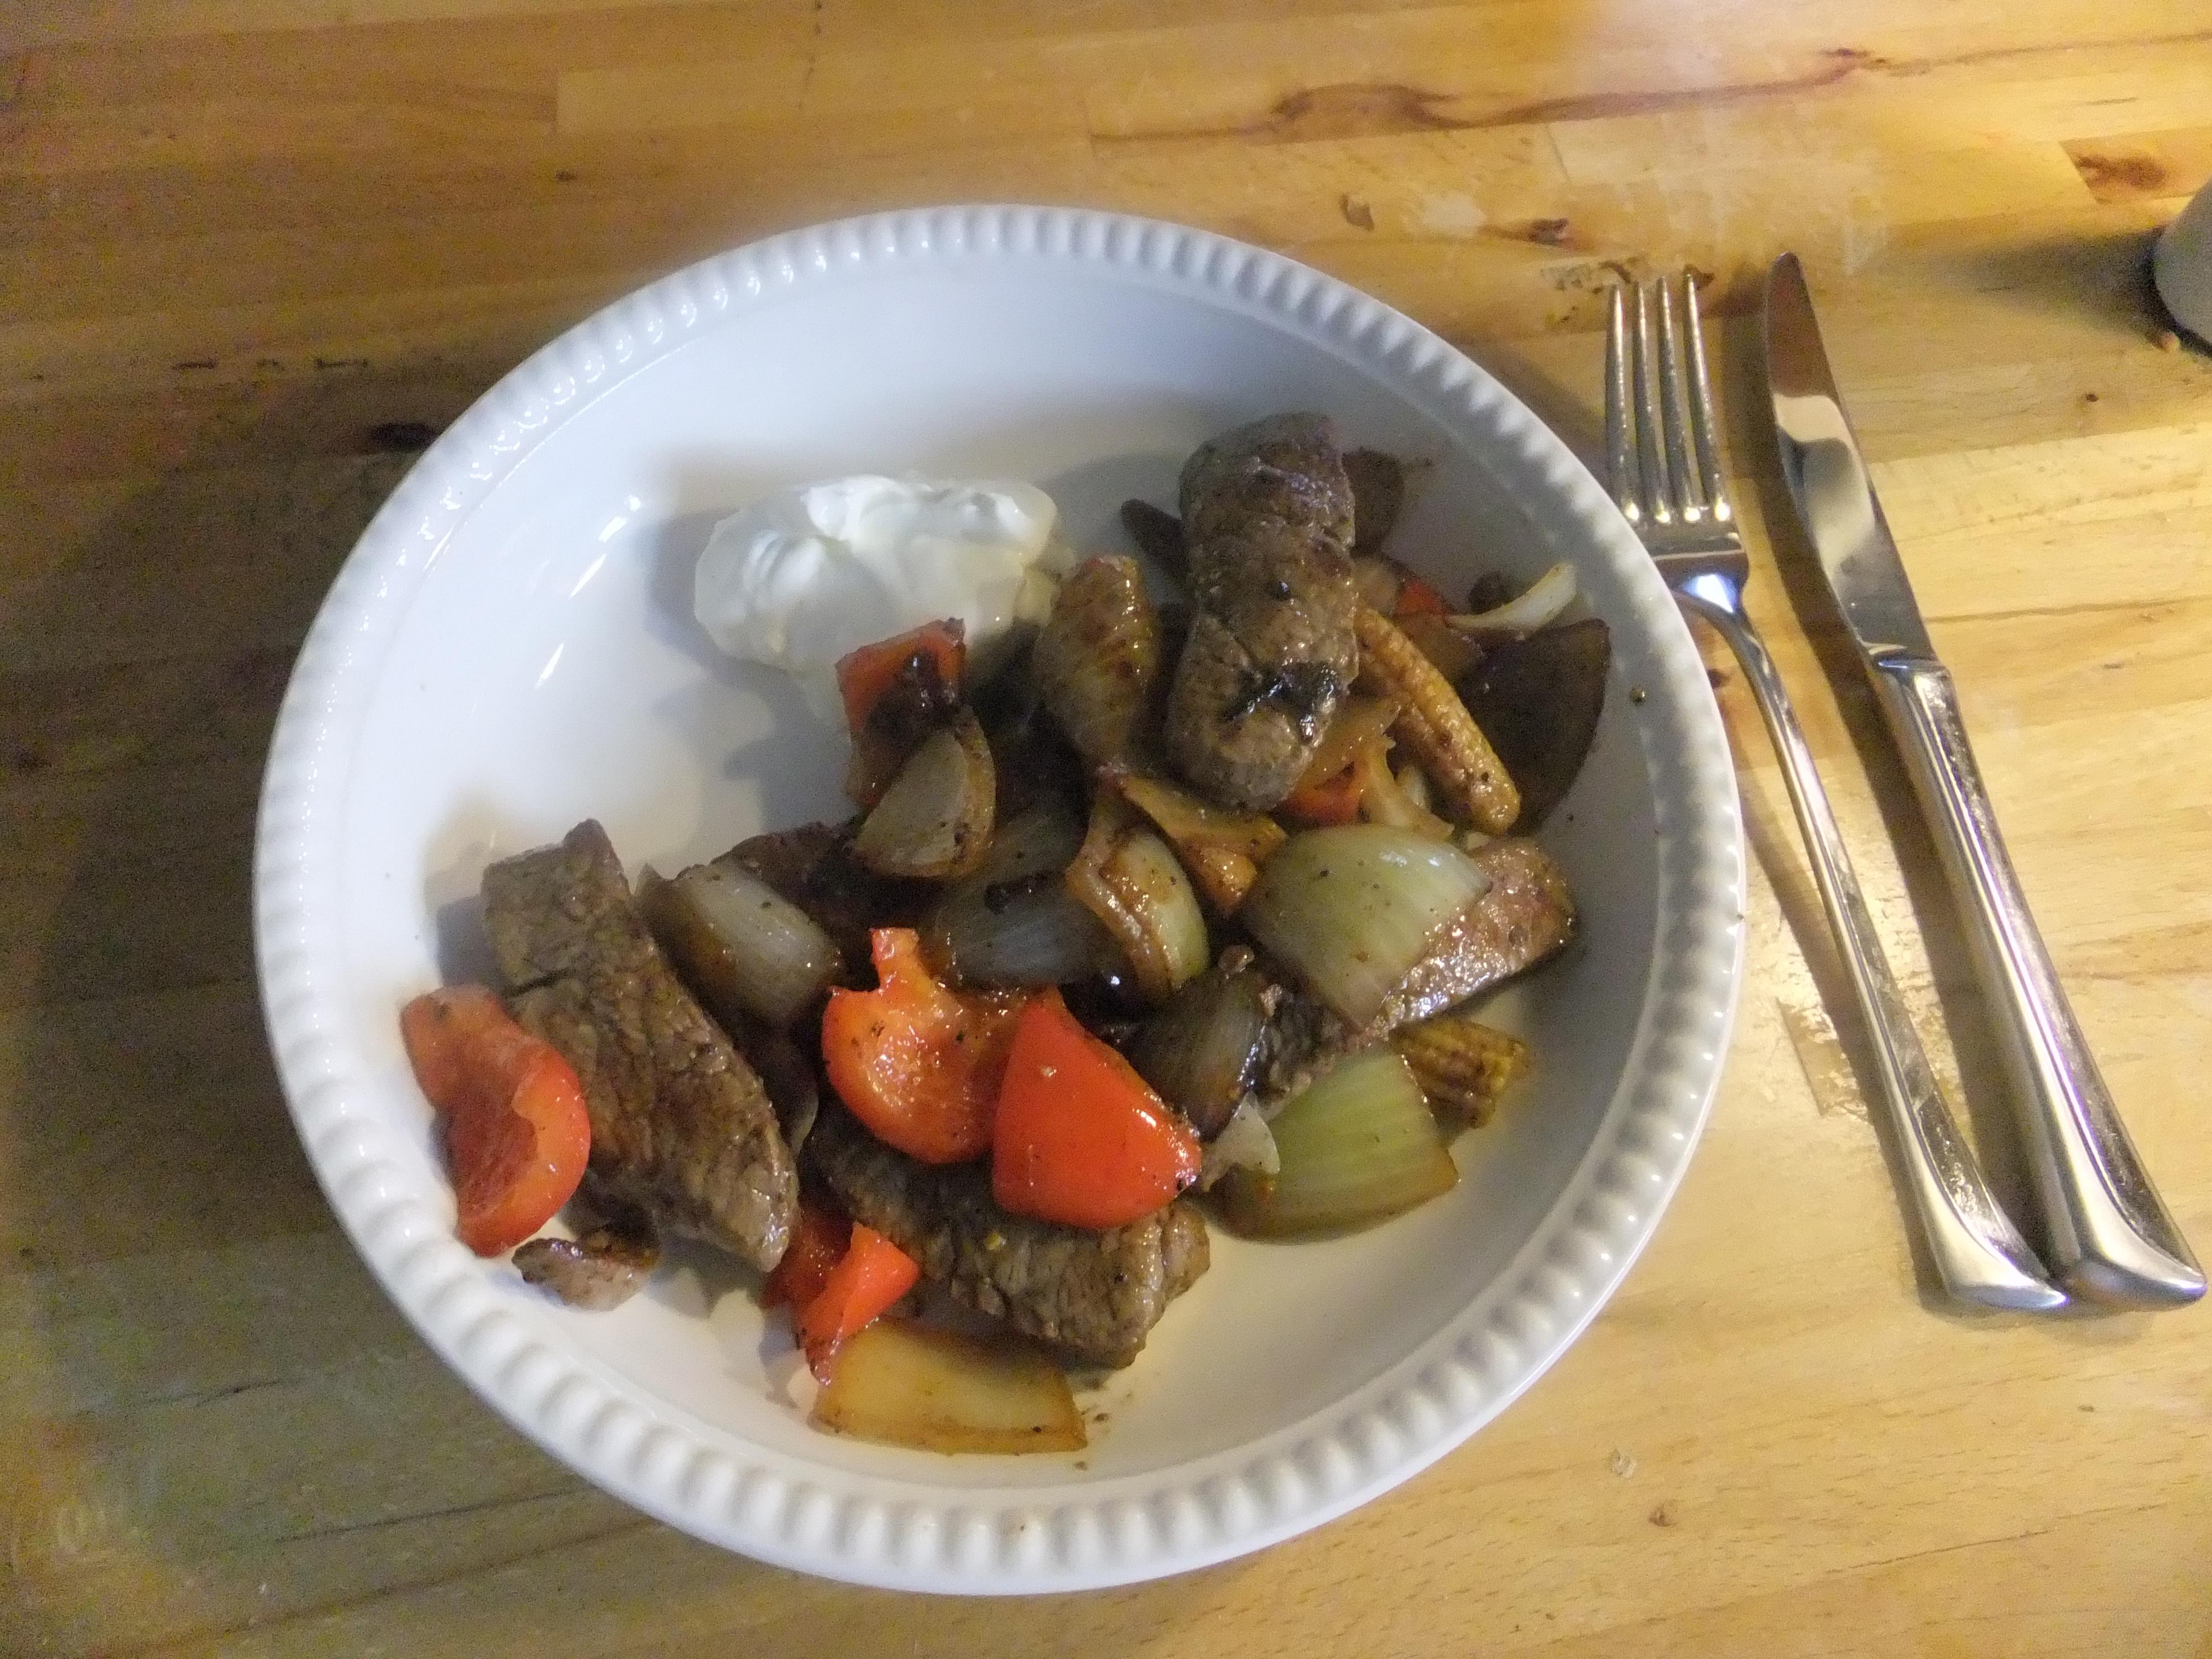 For å unngå karbohydrater serverer jeg retten uten poteter eller ris, men hvis du ikke er så opptatt av det kan du selvsagt servere hva du vil til. Til 2 […]